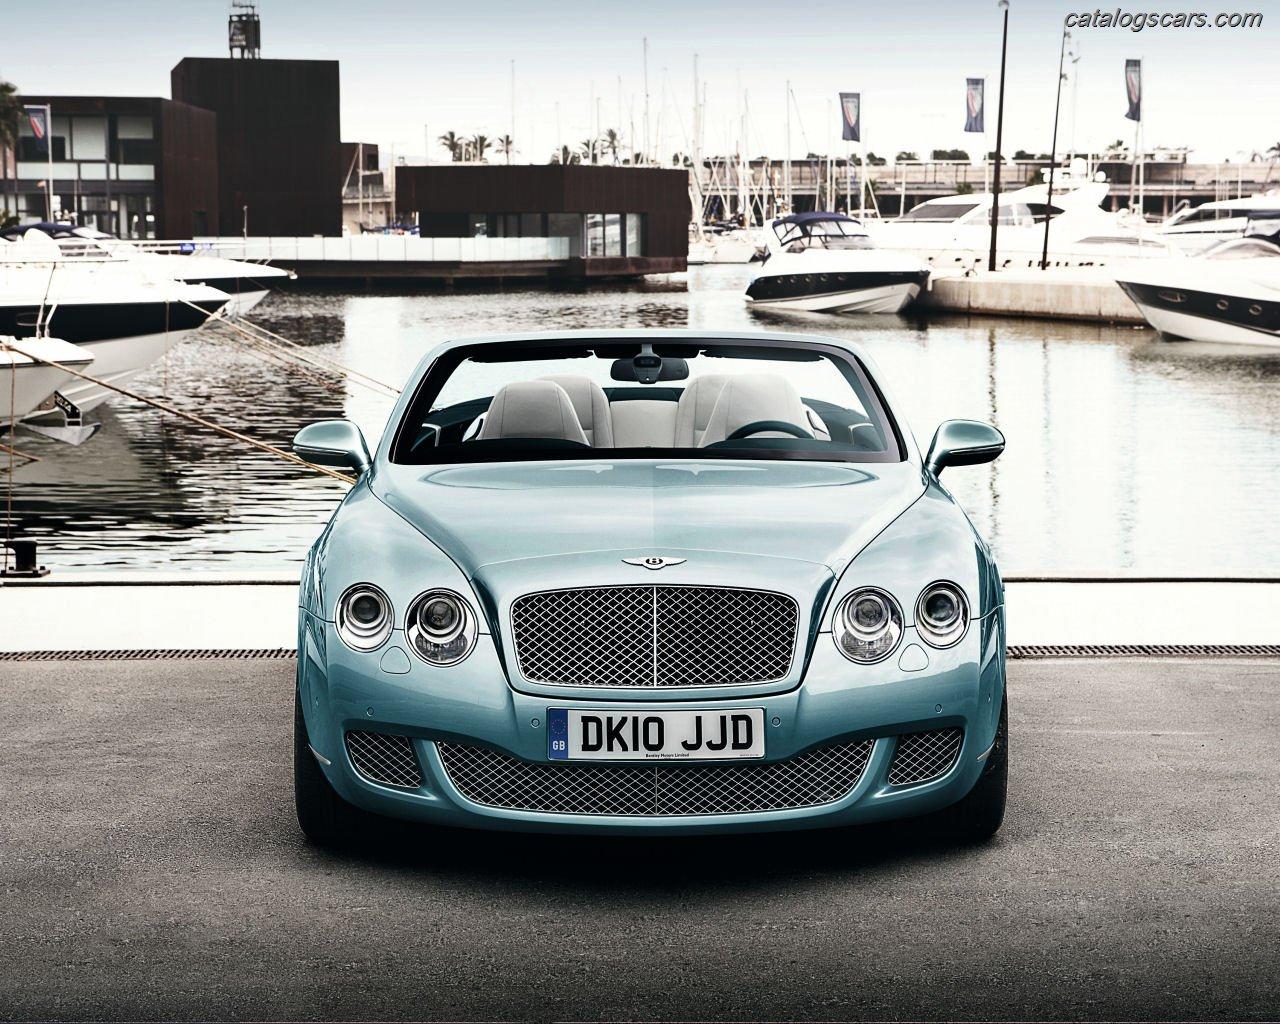 صور سيارة بنتلى كونتيننتال جى تى سى 2015 - اجمل خلفيات صور عربية بنتلى كونتيننتال جى تى سى 2015 - Bentley Continental Gtc Photos Bentley-Continental-Gtc-2011-04.jpg